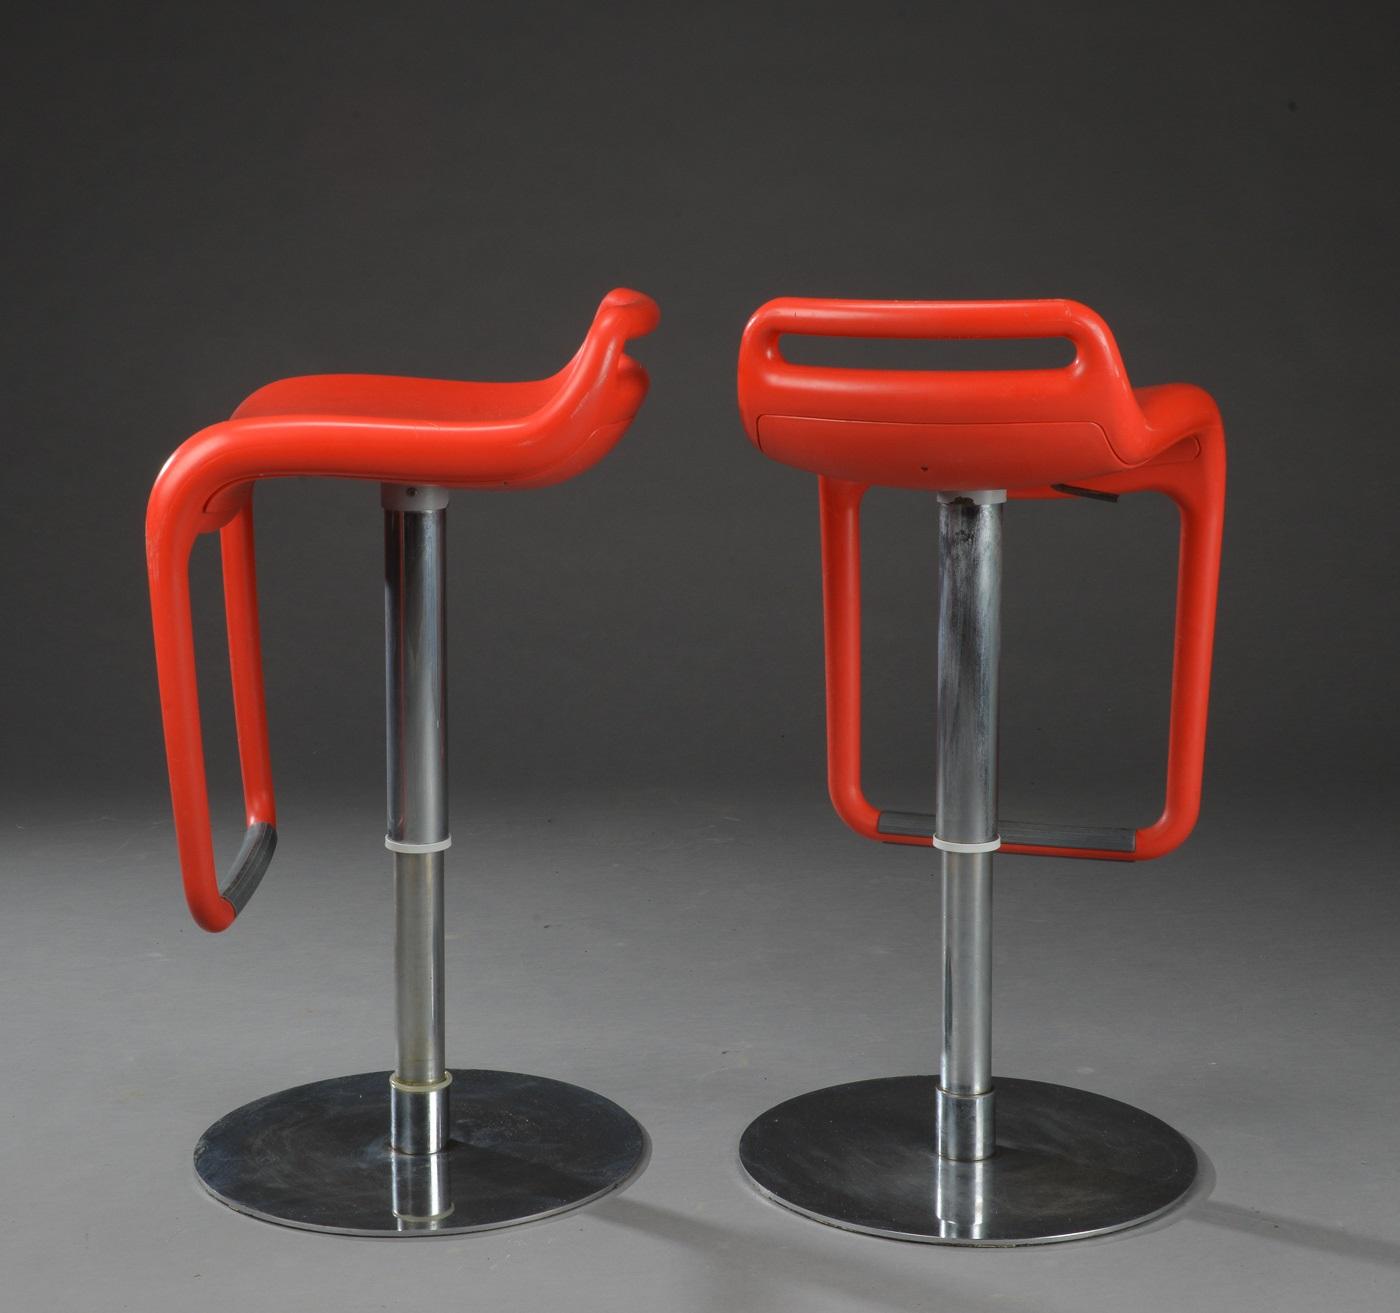 Barstol Snaps Johanson Design Stockholms Kontorsmöbler